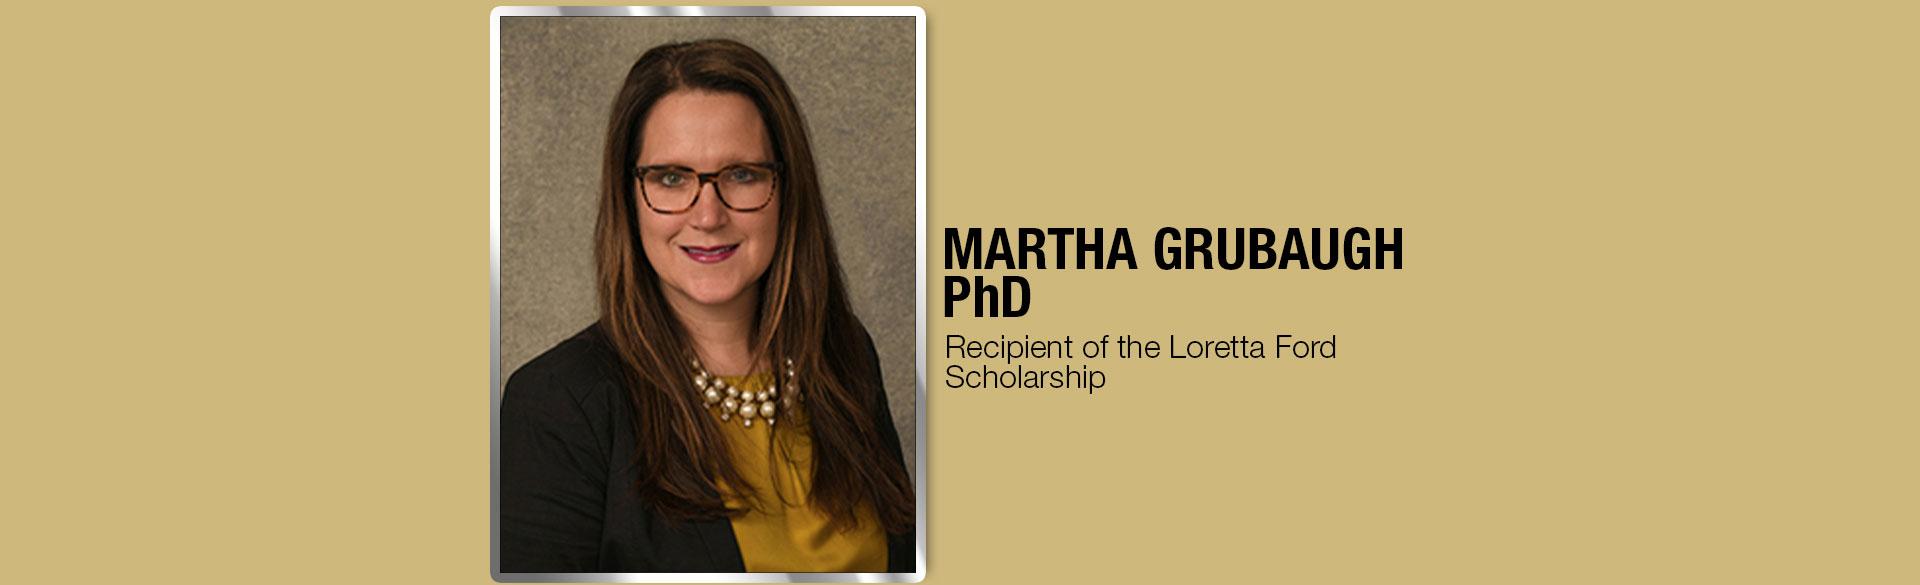 CU Nursing Student Martha Grubaugh, PhD